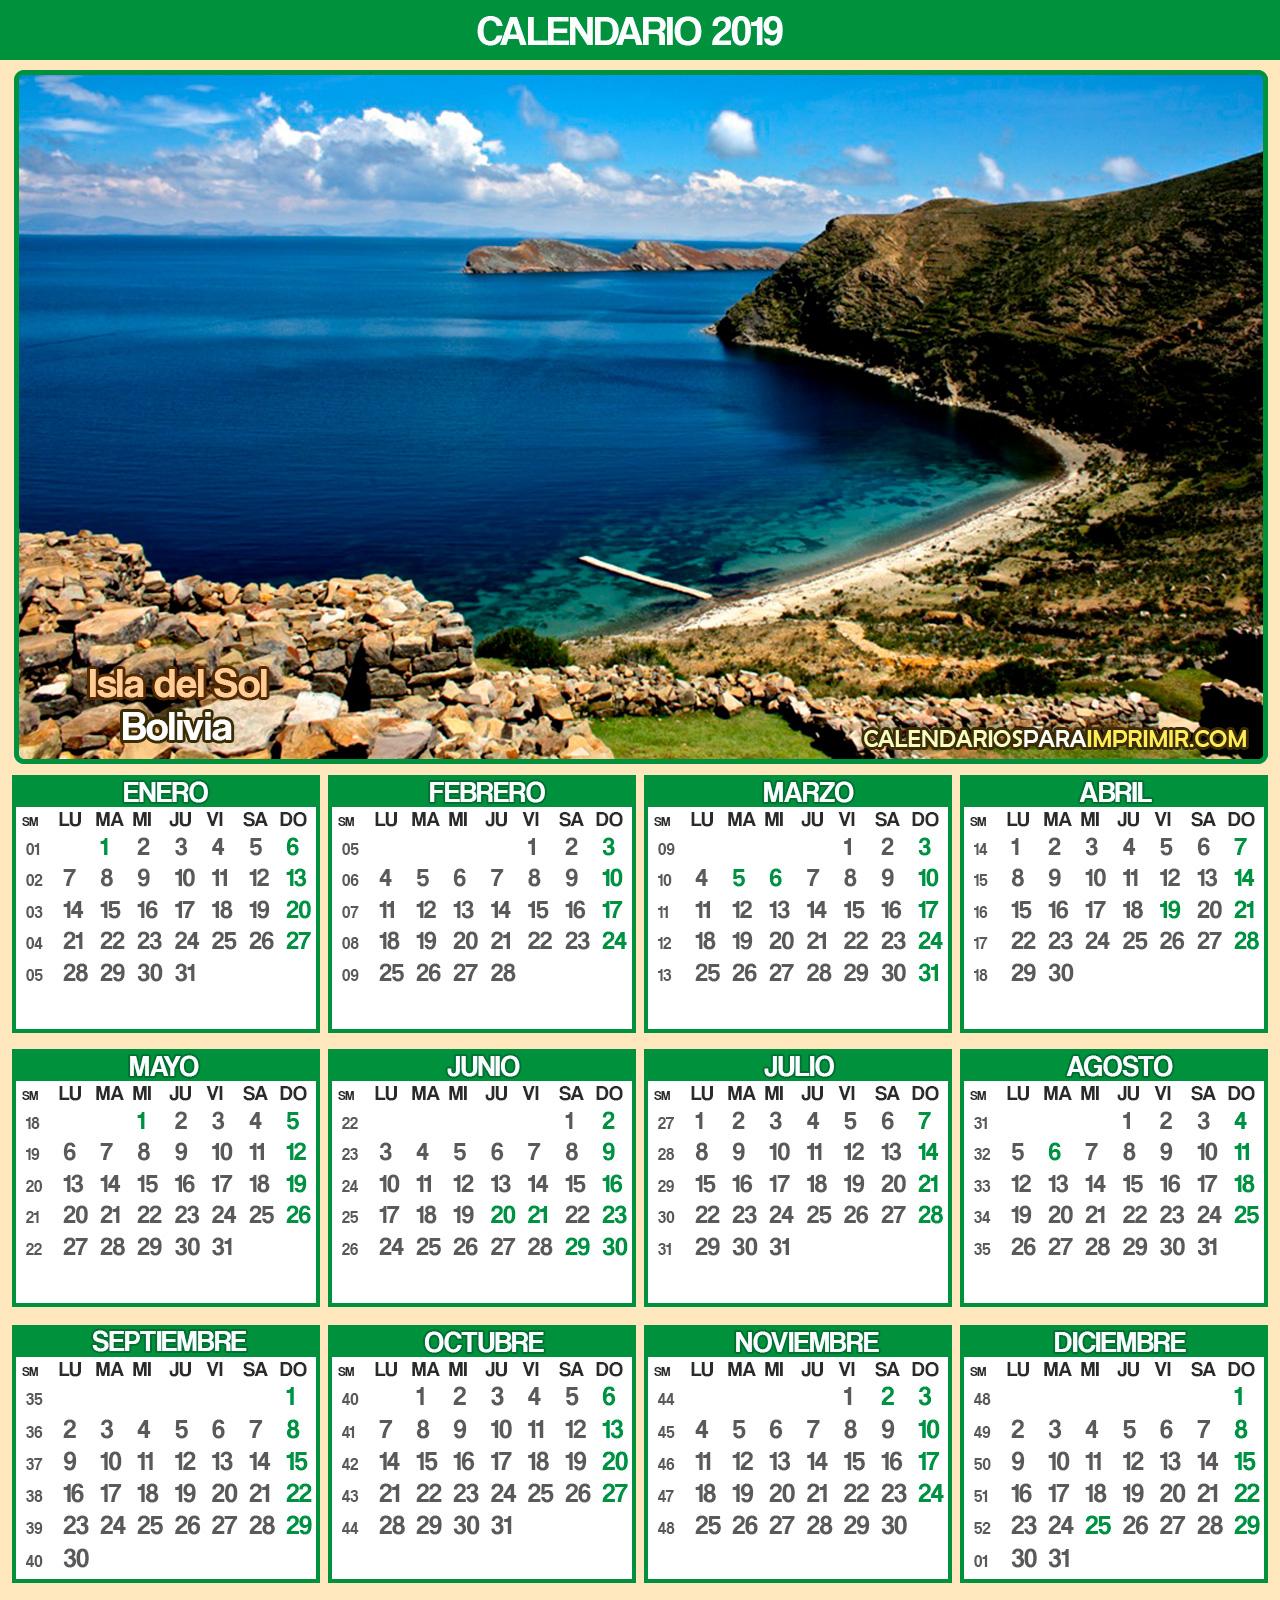 calendario bolivia 2019